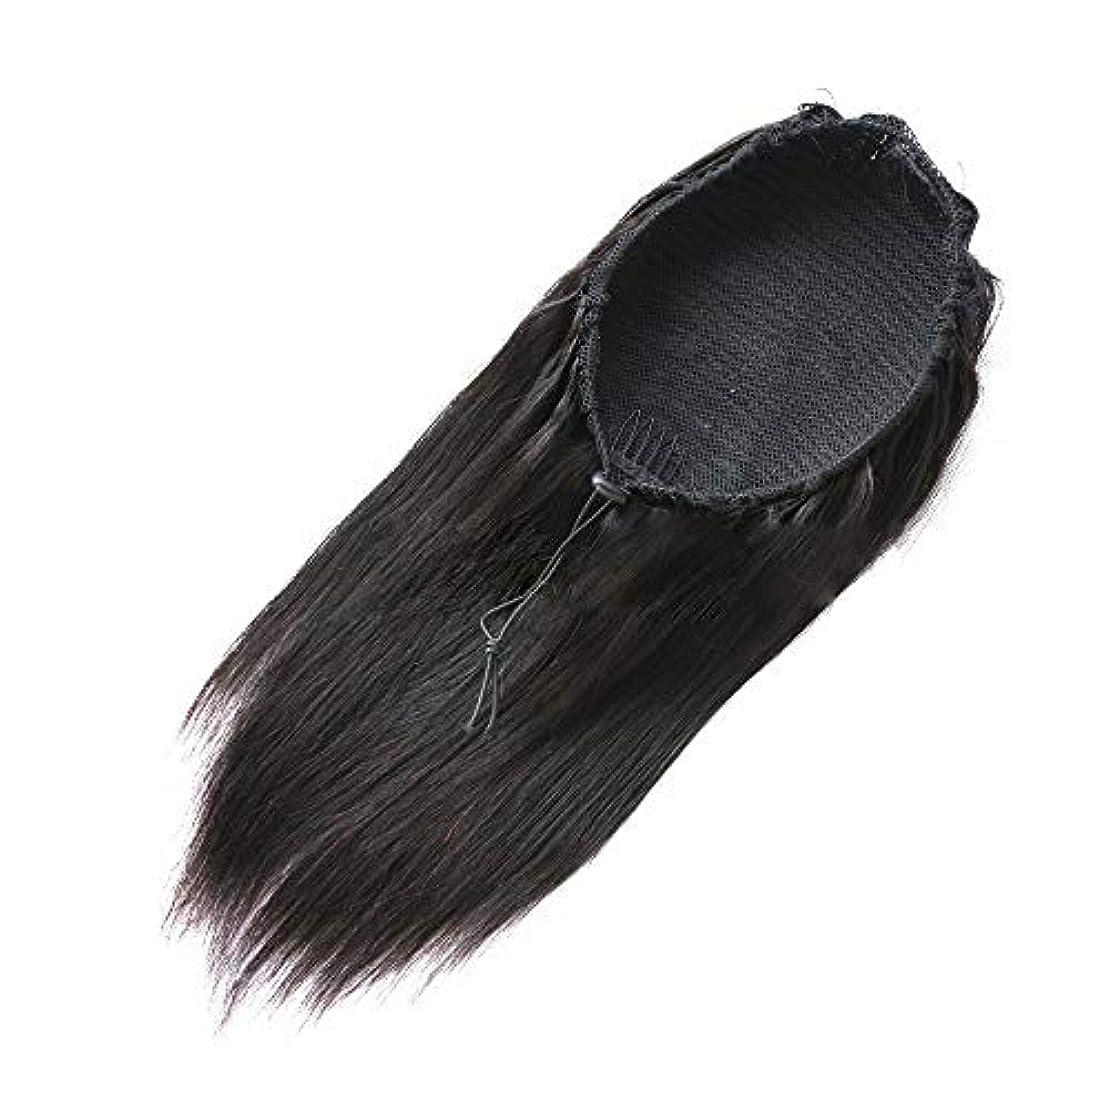 裁判所本土ぜいたくSRY-Wigファッション ファッションかつら人毛レース閉鎖かつらマレーシアレミー人毛かつら未処理レースフロントかつら女性の自然な色 (Color : ブラック, Size : 18inch)